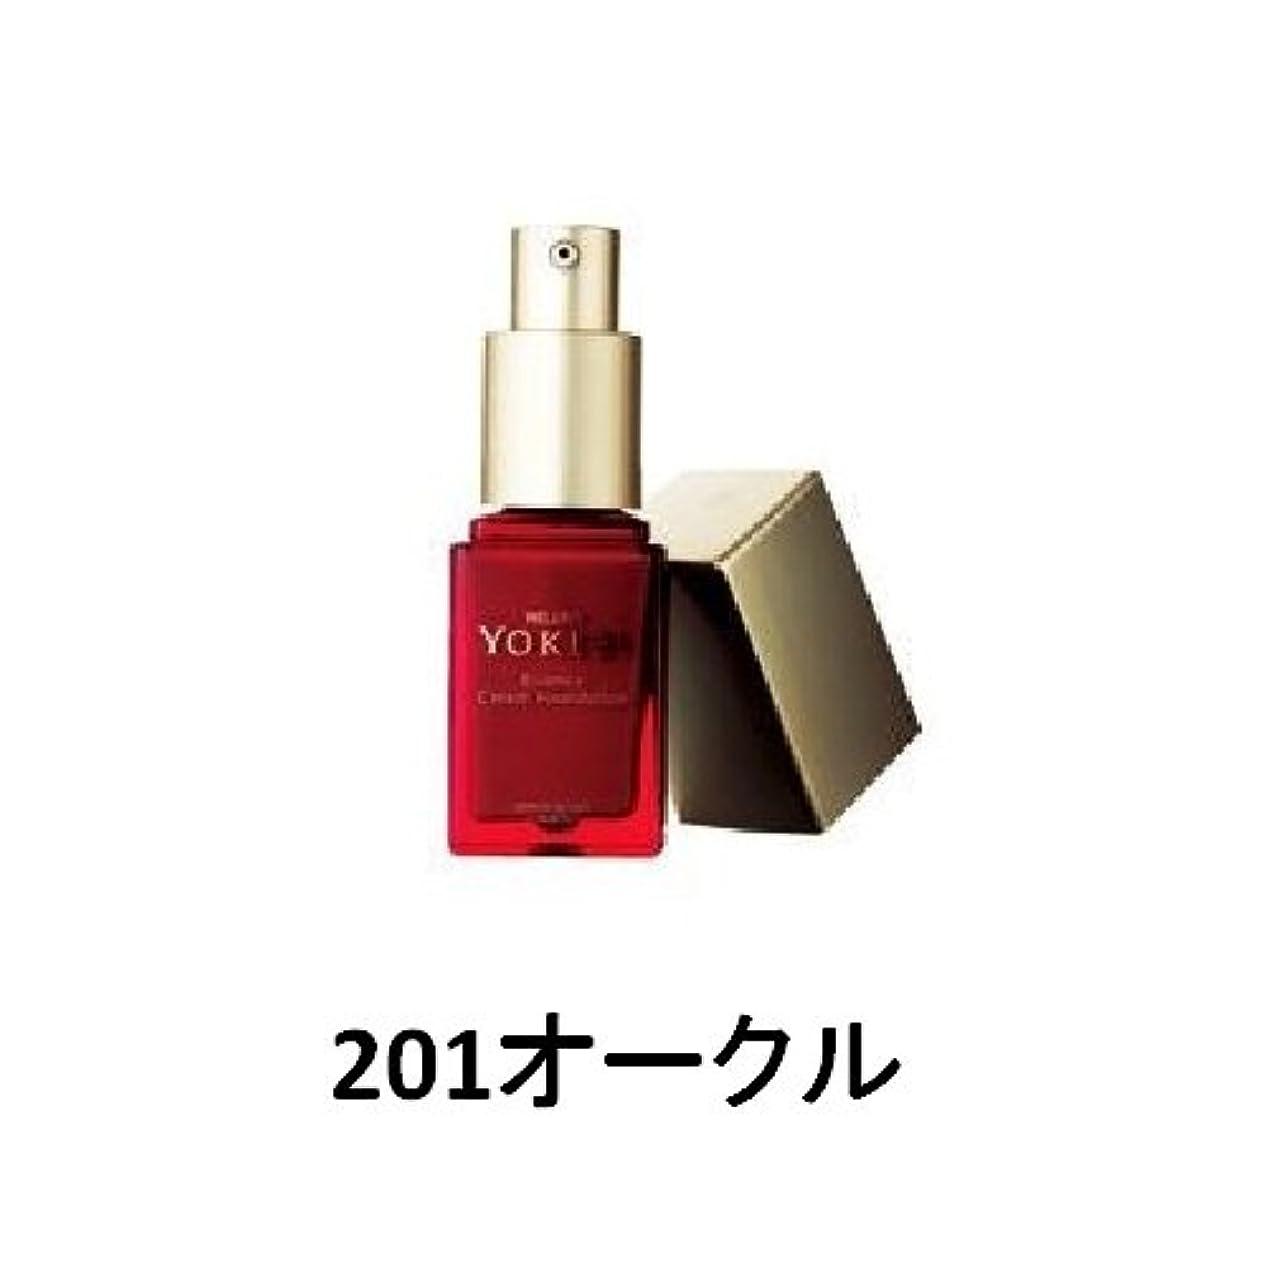 ハドルソーダ水肉屋リレント YOKIBI エッセンスクリームファンデーション (201オークル)